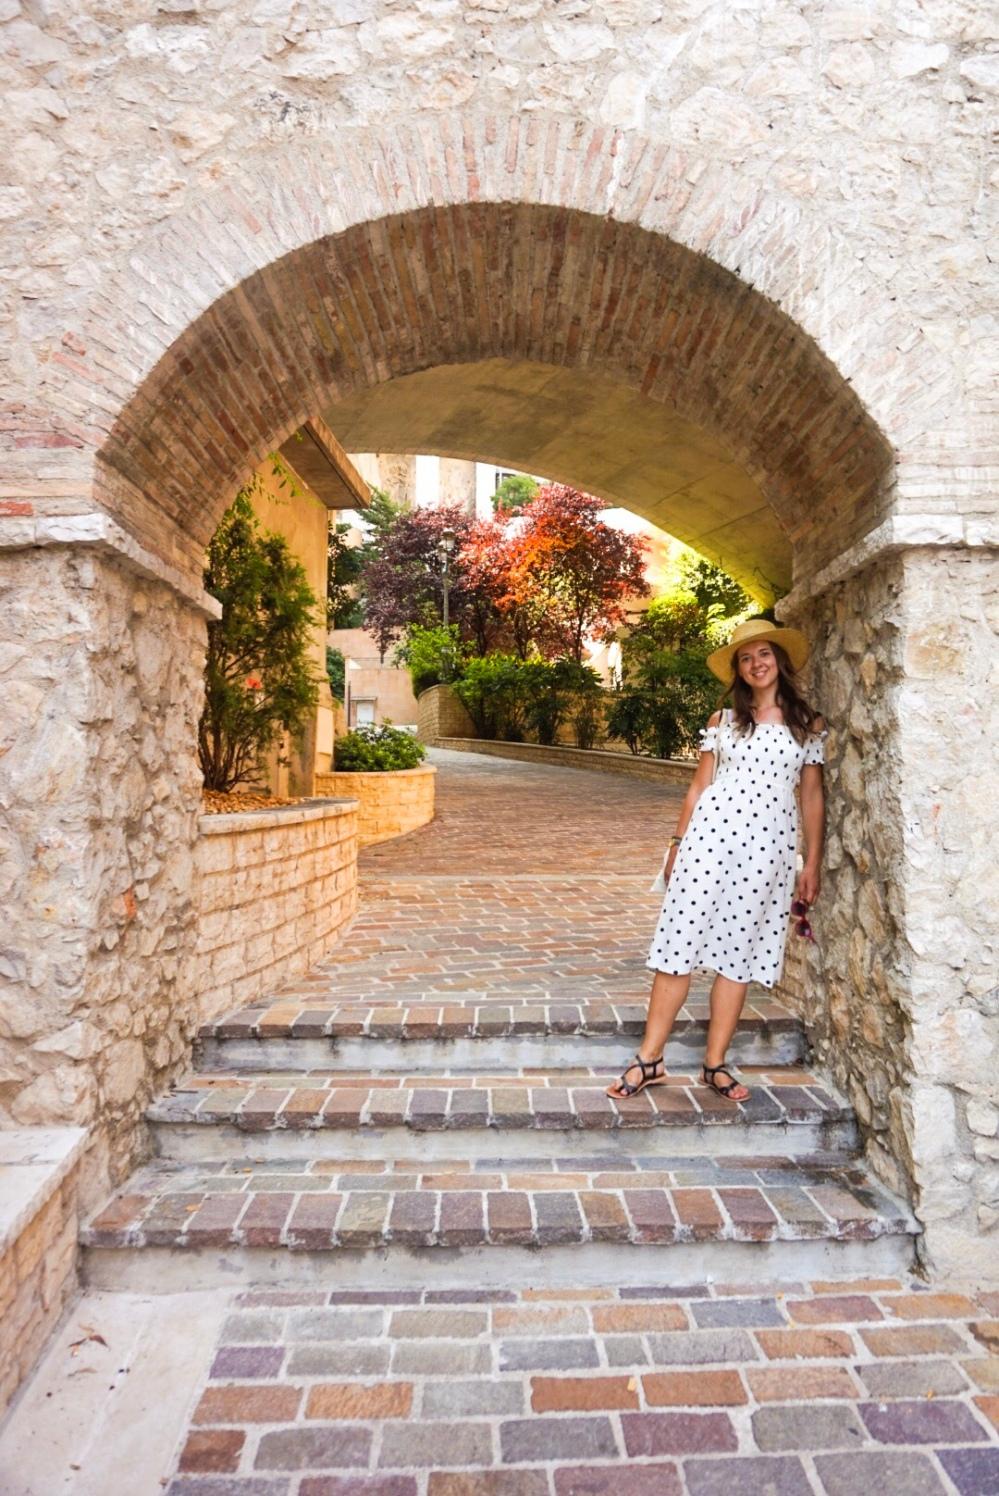 Brick archway, Monaco, France.